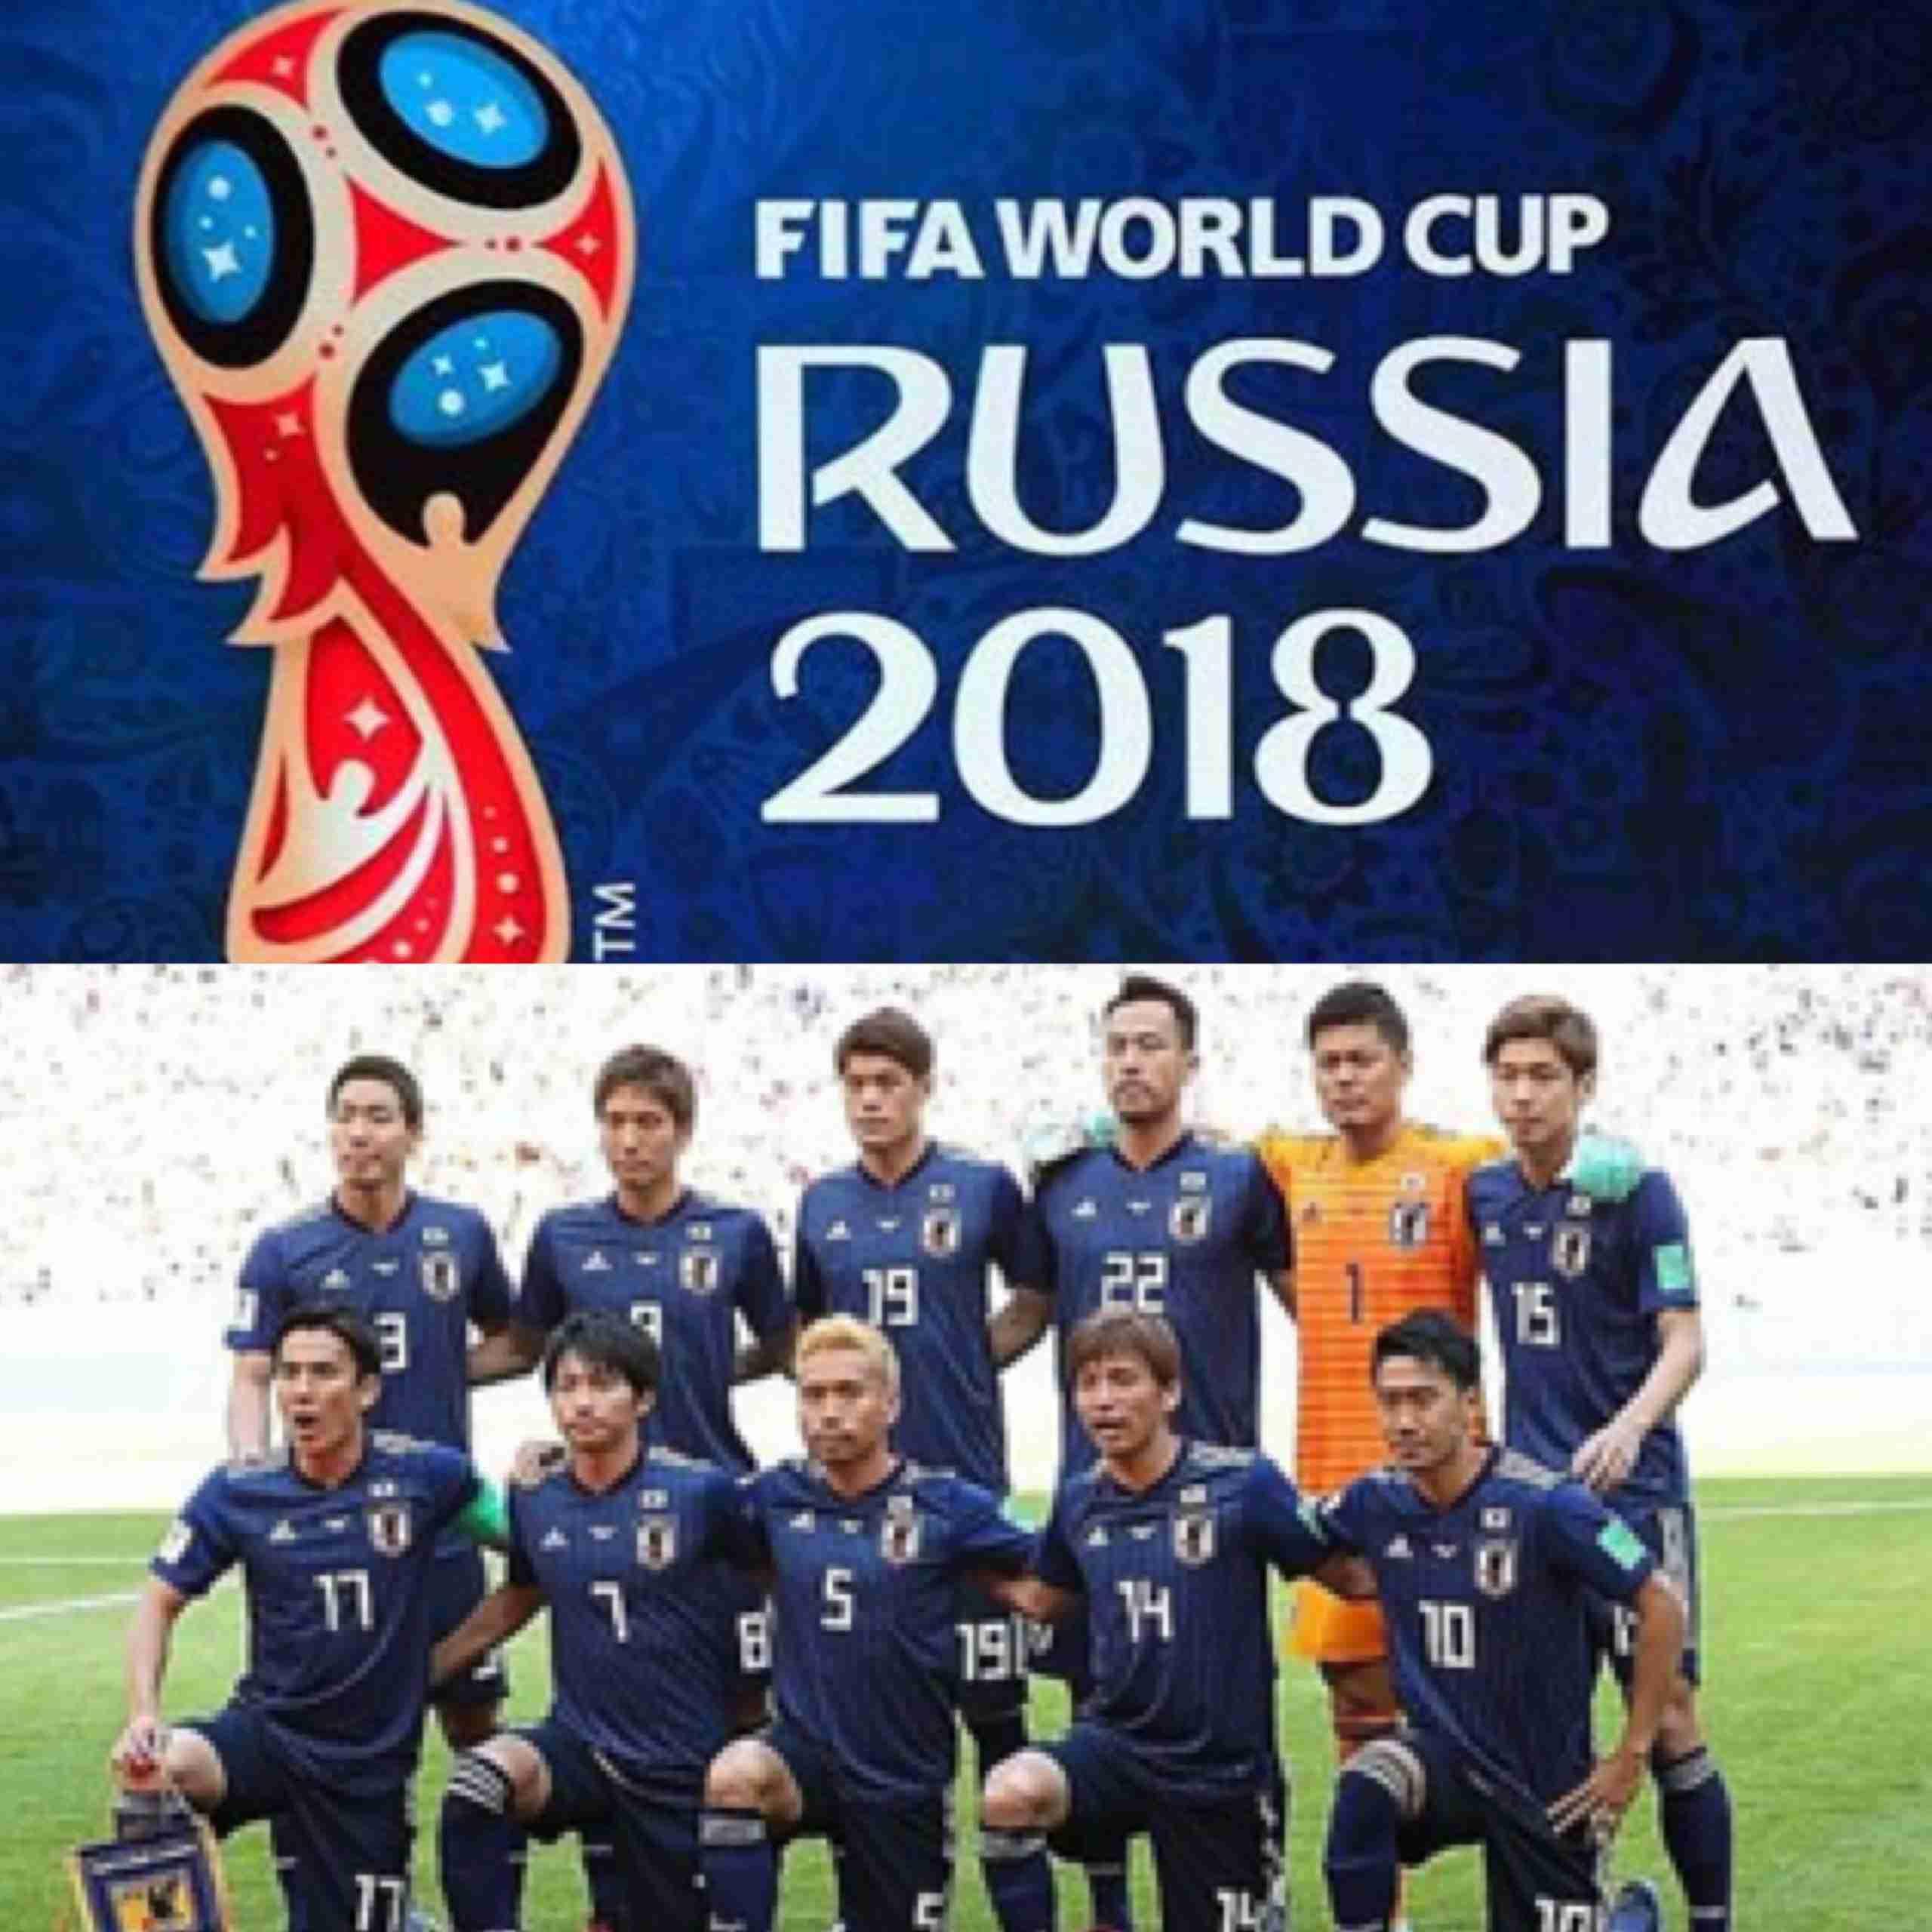 【実況・感想】FIFA ワールドカップ ロシア 総合トピ 18日目  ※今夜は日本VSベルギー有り